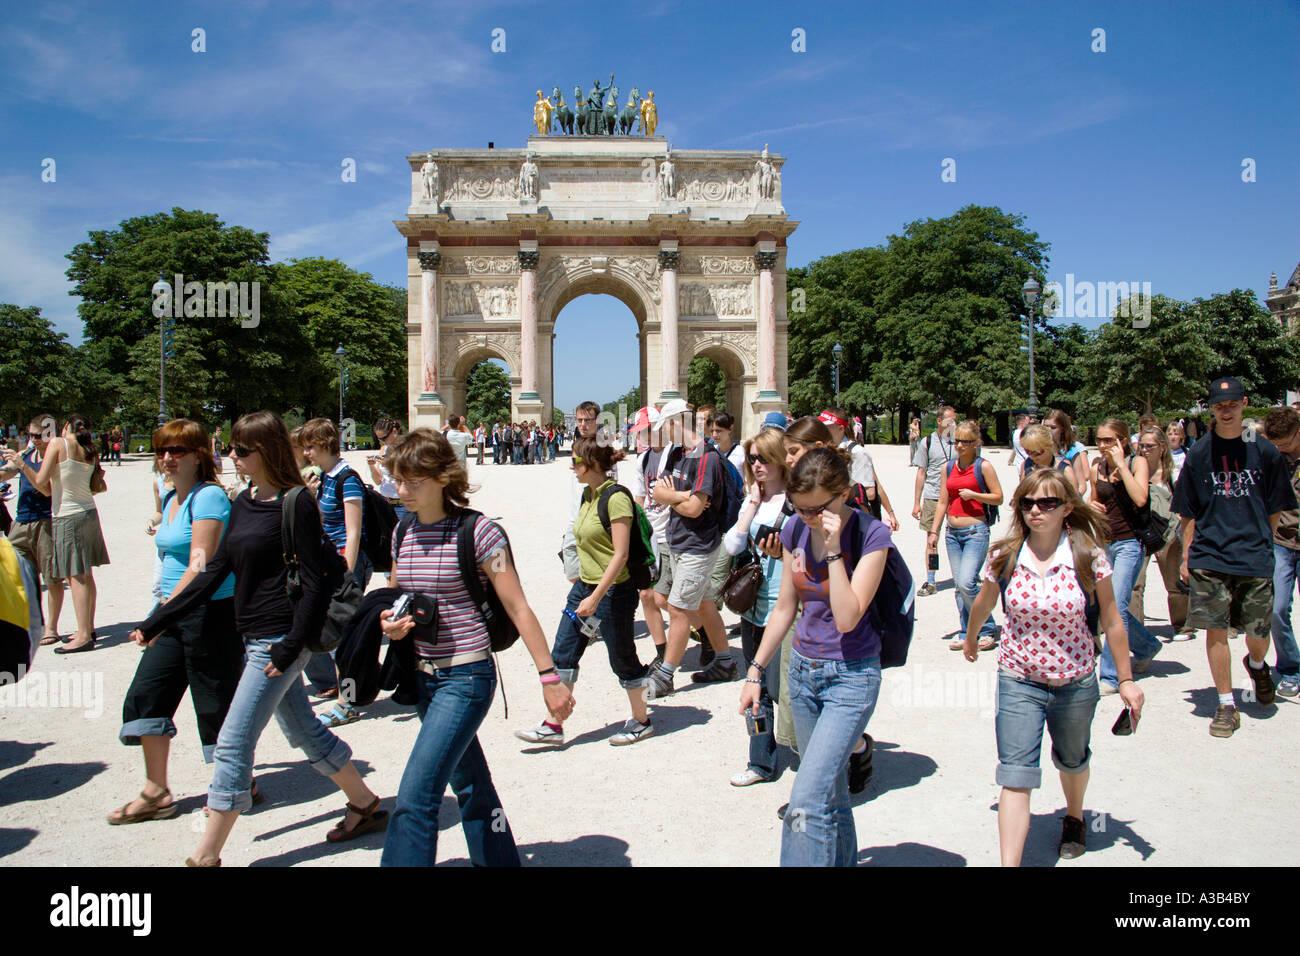 FRANCE Ile de France Paris Foreign students walking from Jardin des Tuileries through 19th Century Arc de Triomphe - Stock Image